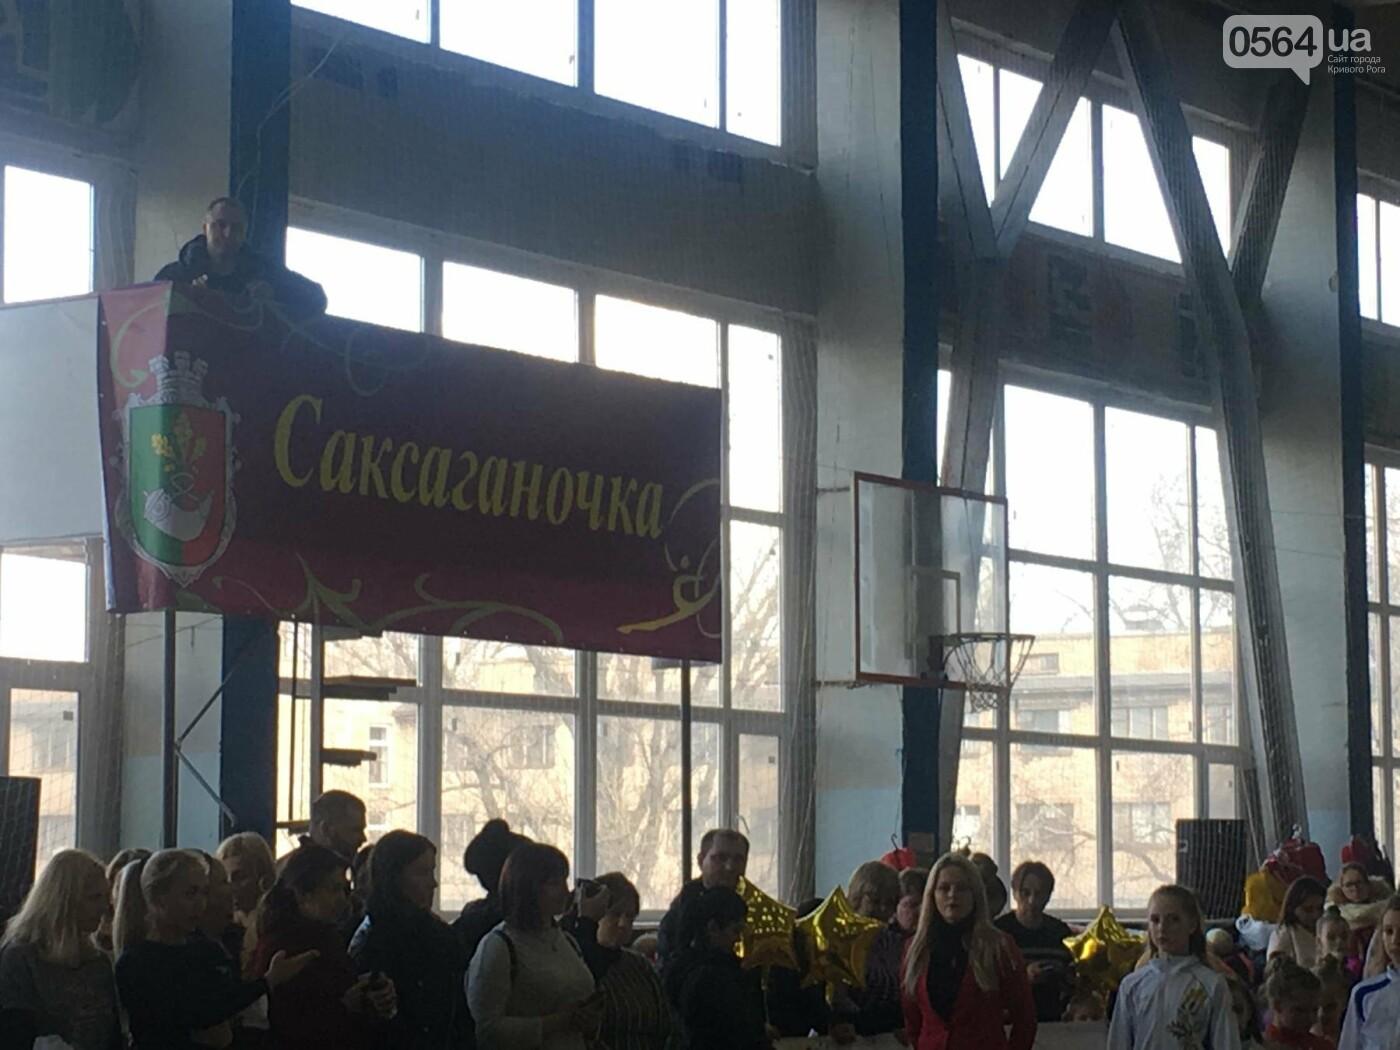 Праздник красоты и грации состоялся в Кривом Роге (ФОТО), фото-1